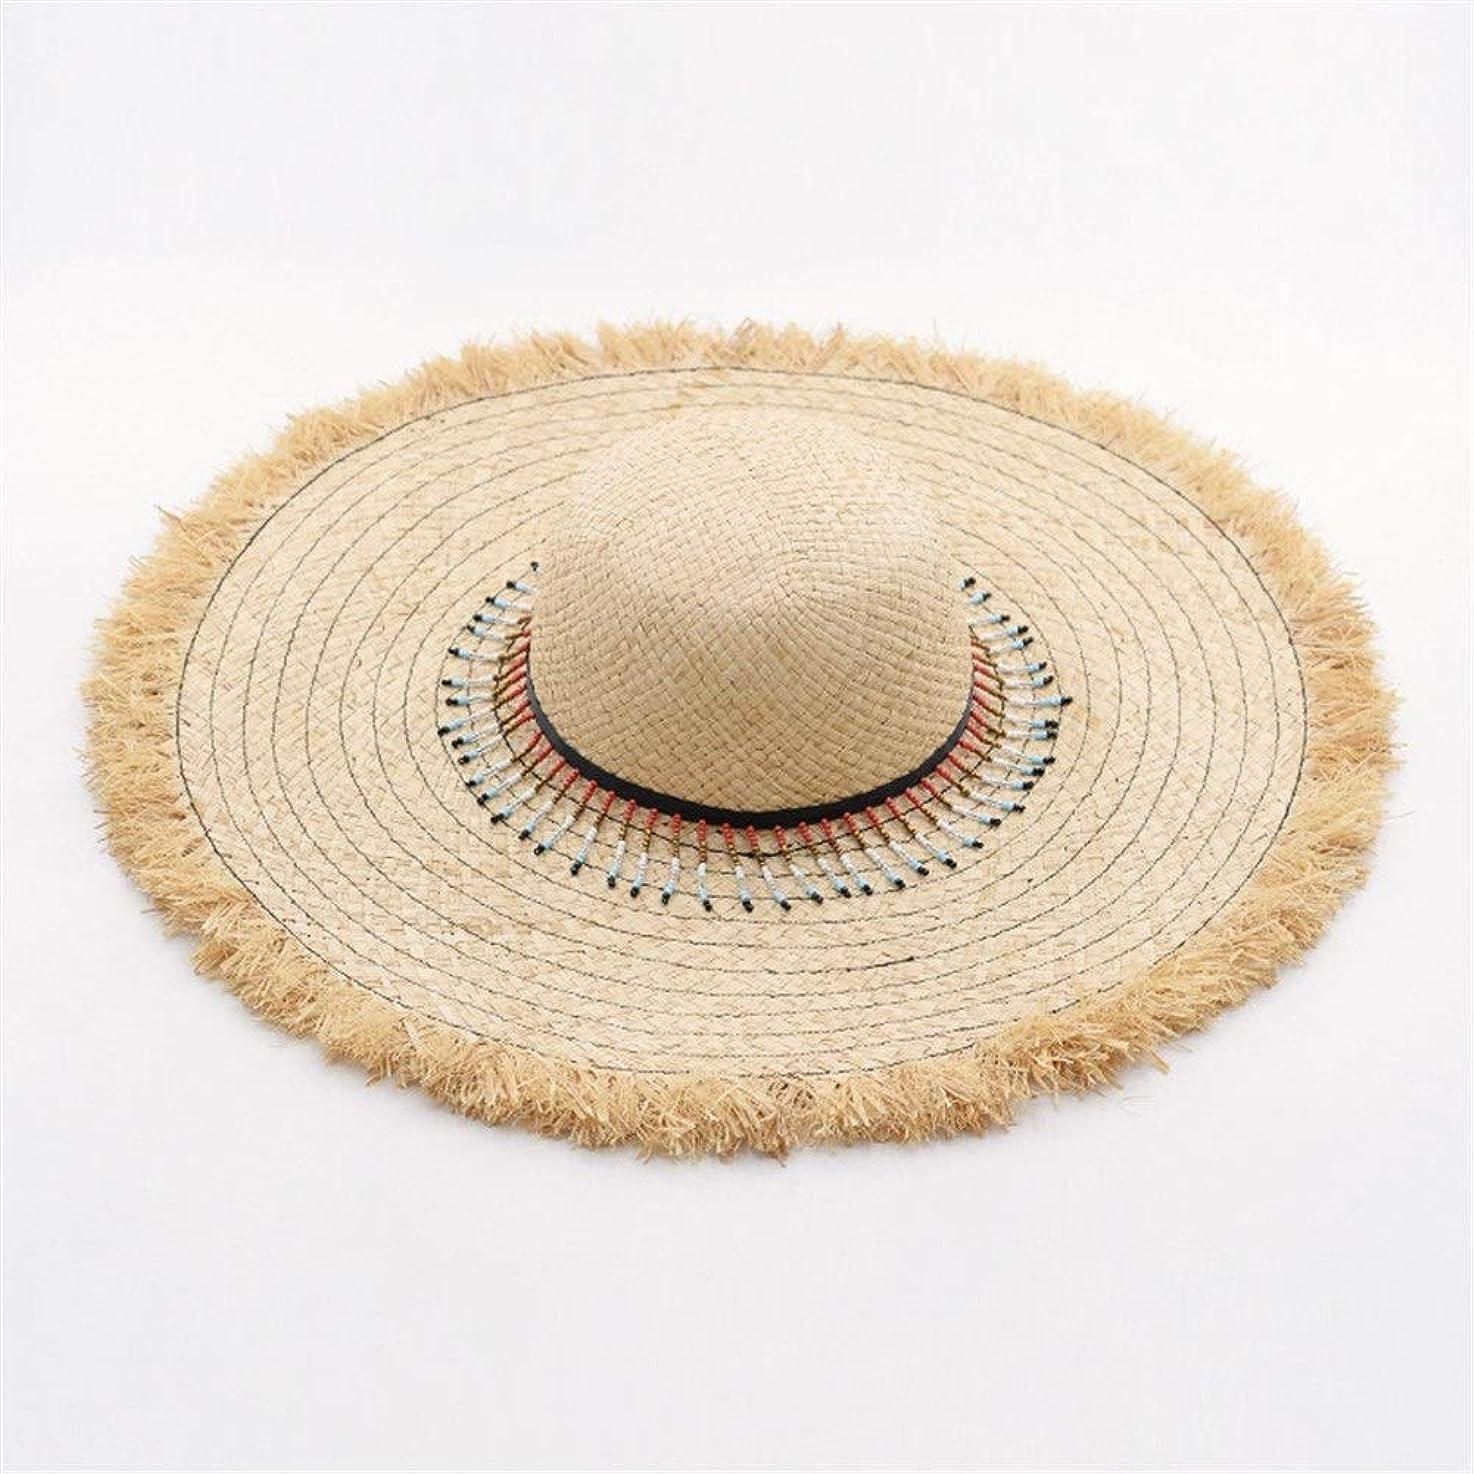 比べるブローフリンジラフィットグラスエッジ麦わら帽子スパンコールチェーン装飾ラフィット麦わら帽子観光ビーチ麦わら帽子